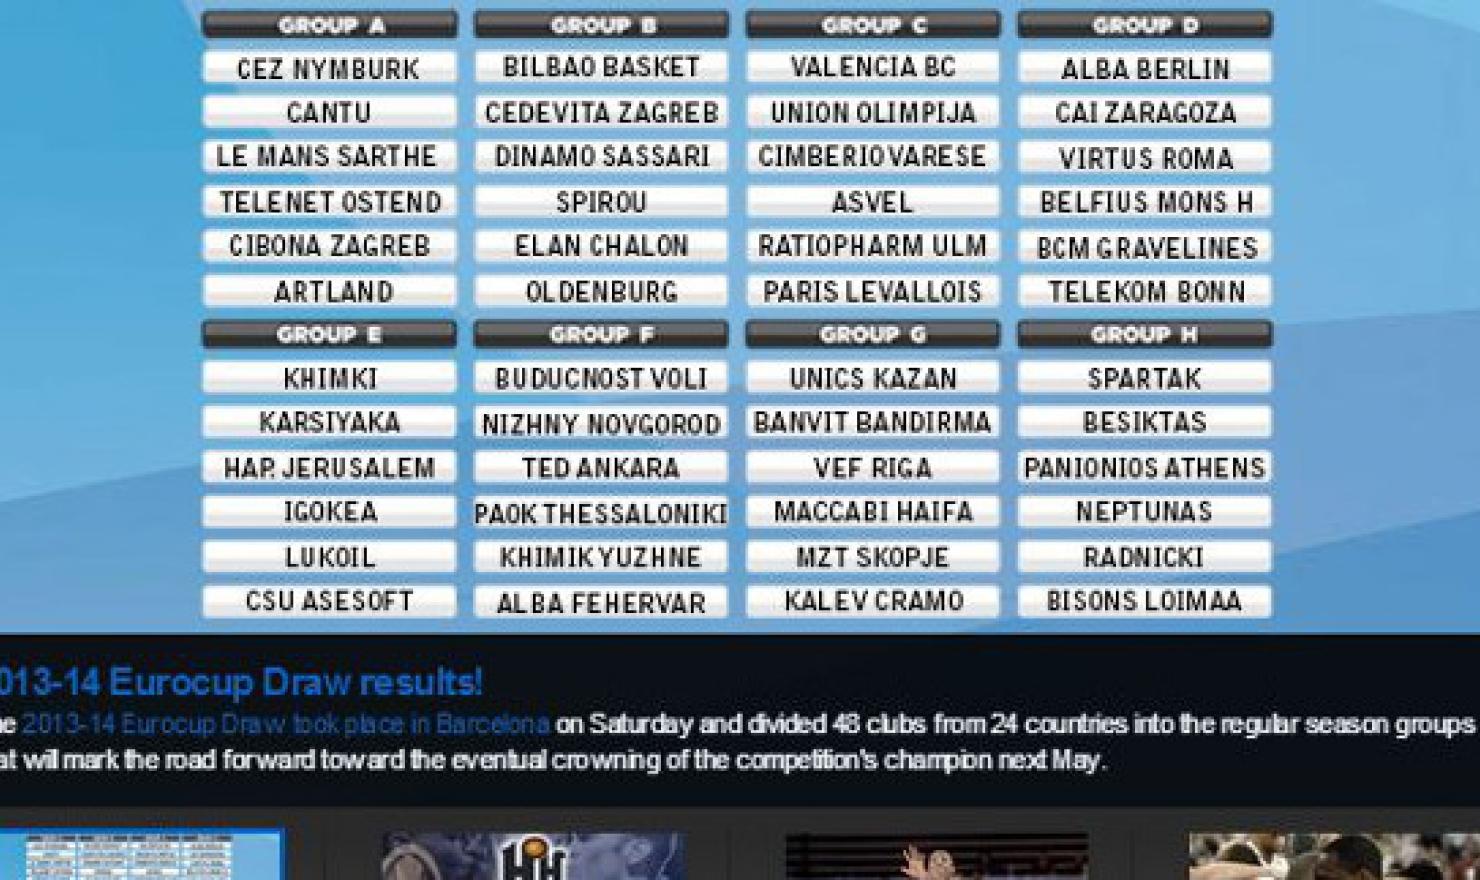 Calendario Eurocup.Gruppi E Calendario Eurocup Dinamo Sassari